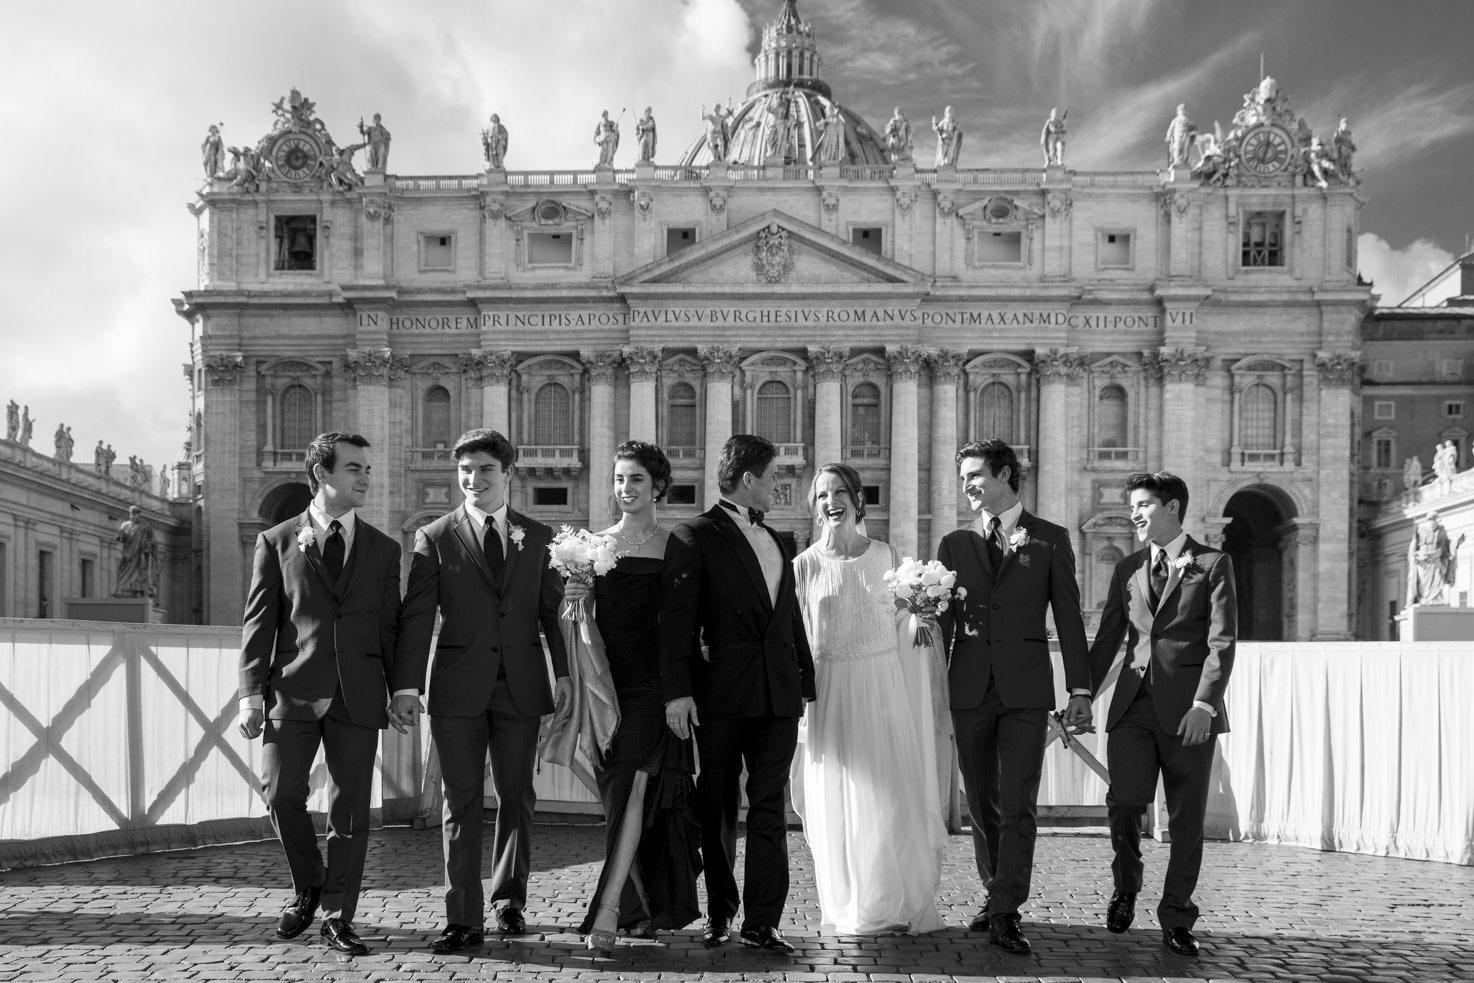 Catholic wedding in Rome